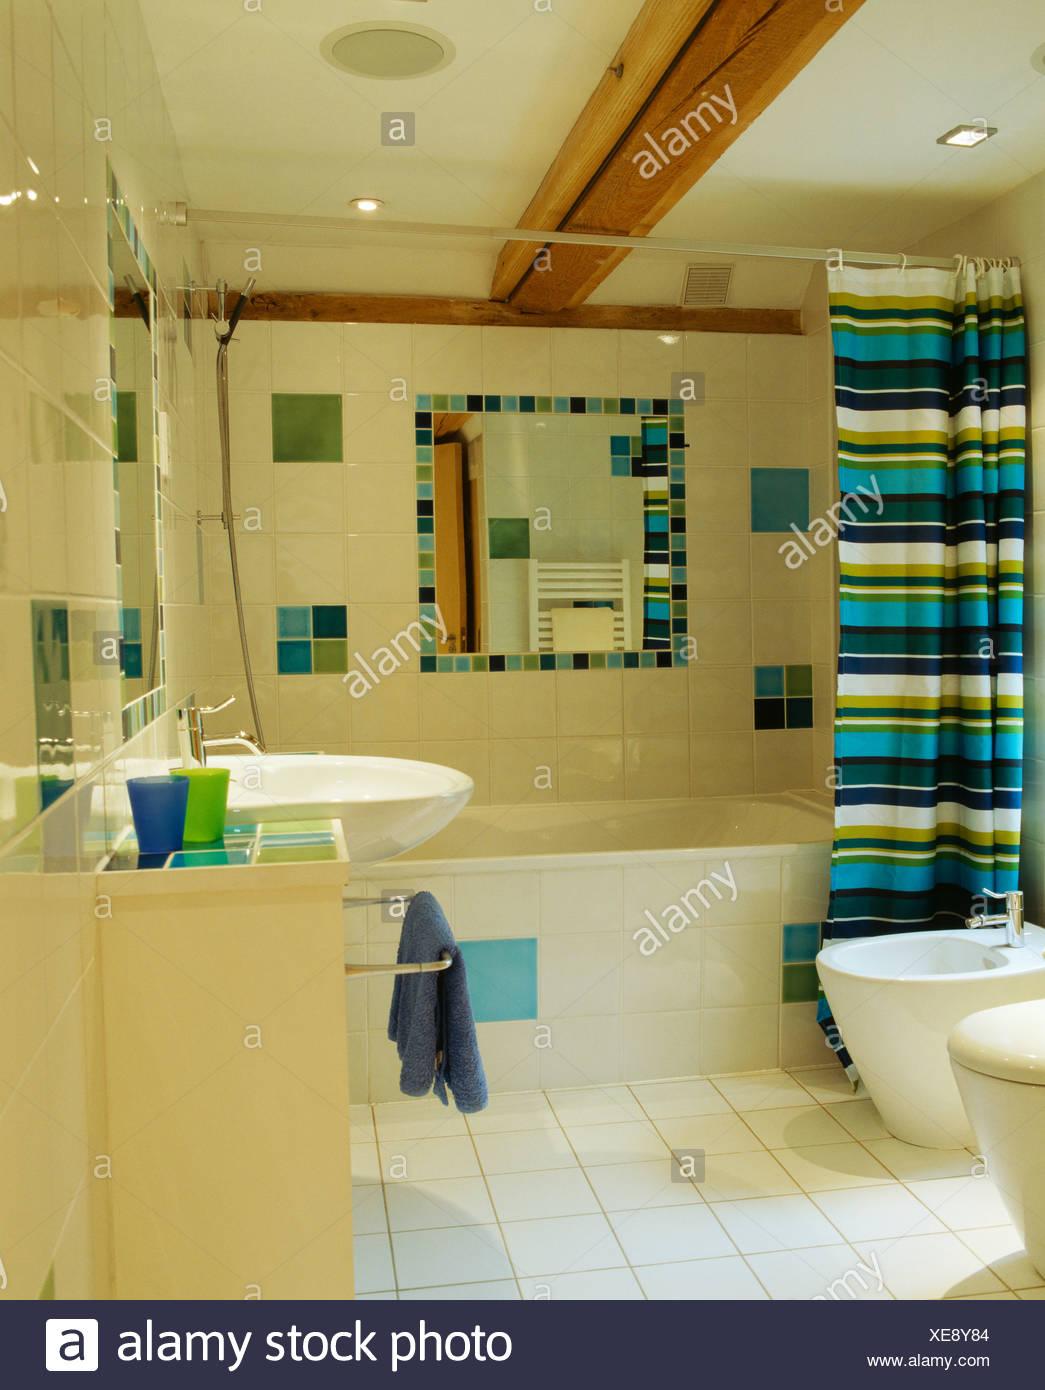 rideau de douche à rayures de couleurs vives sur la baignoire dans